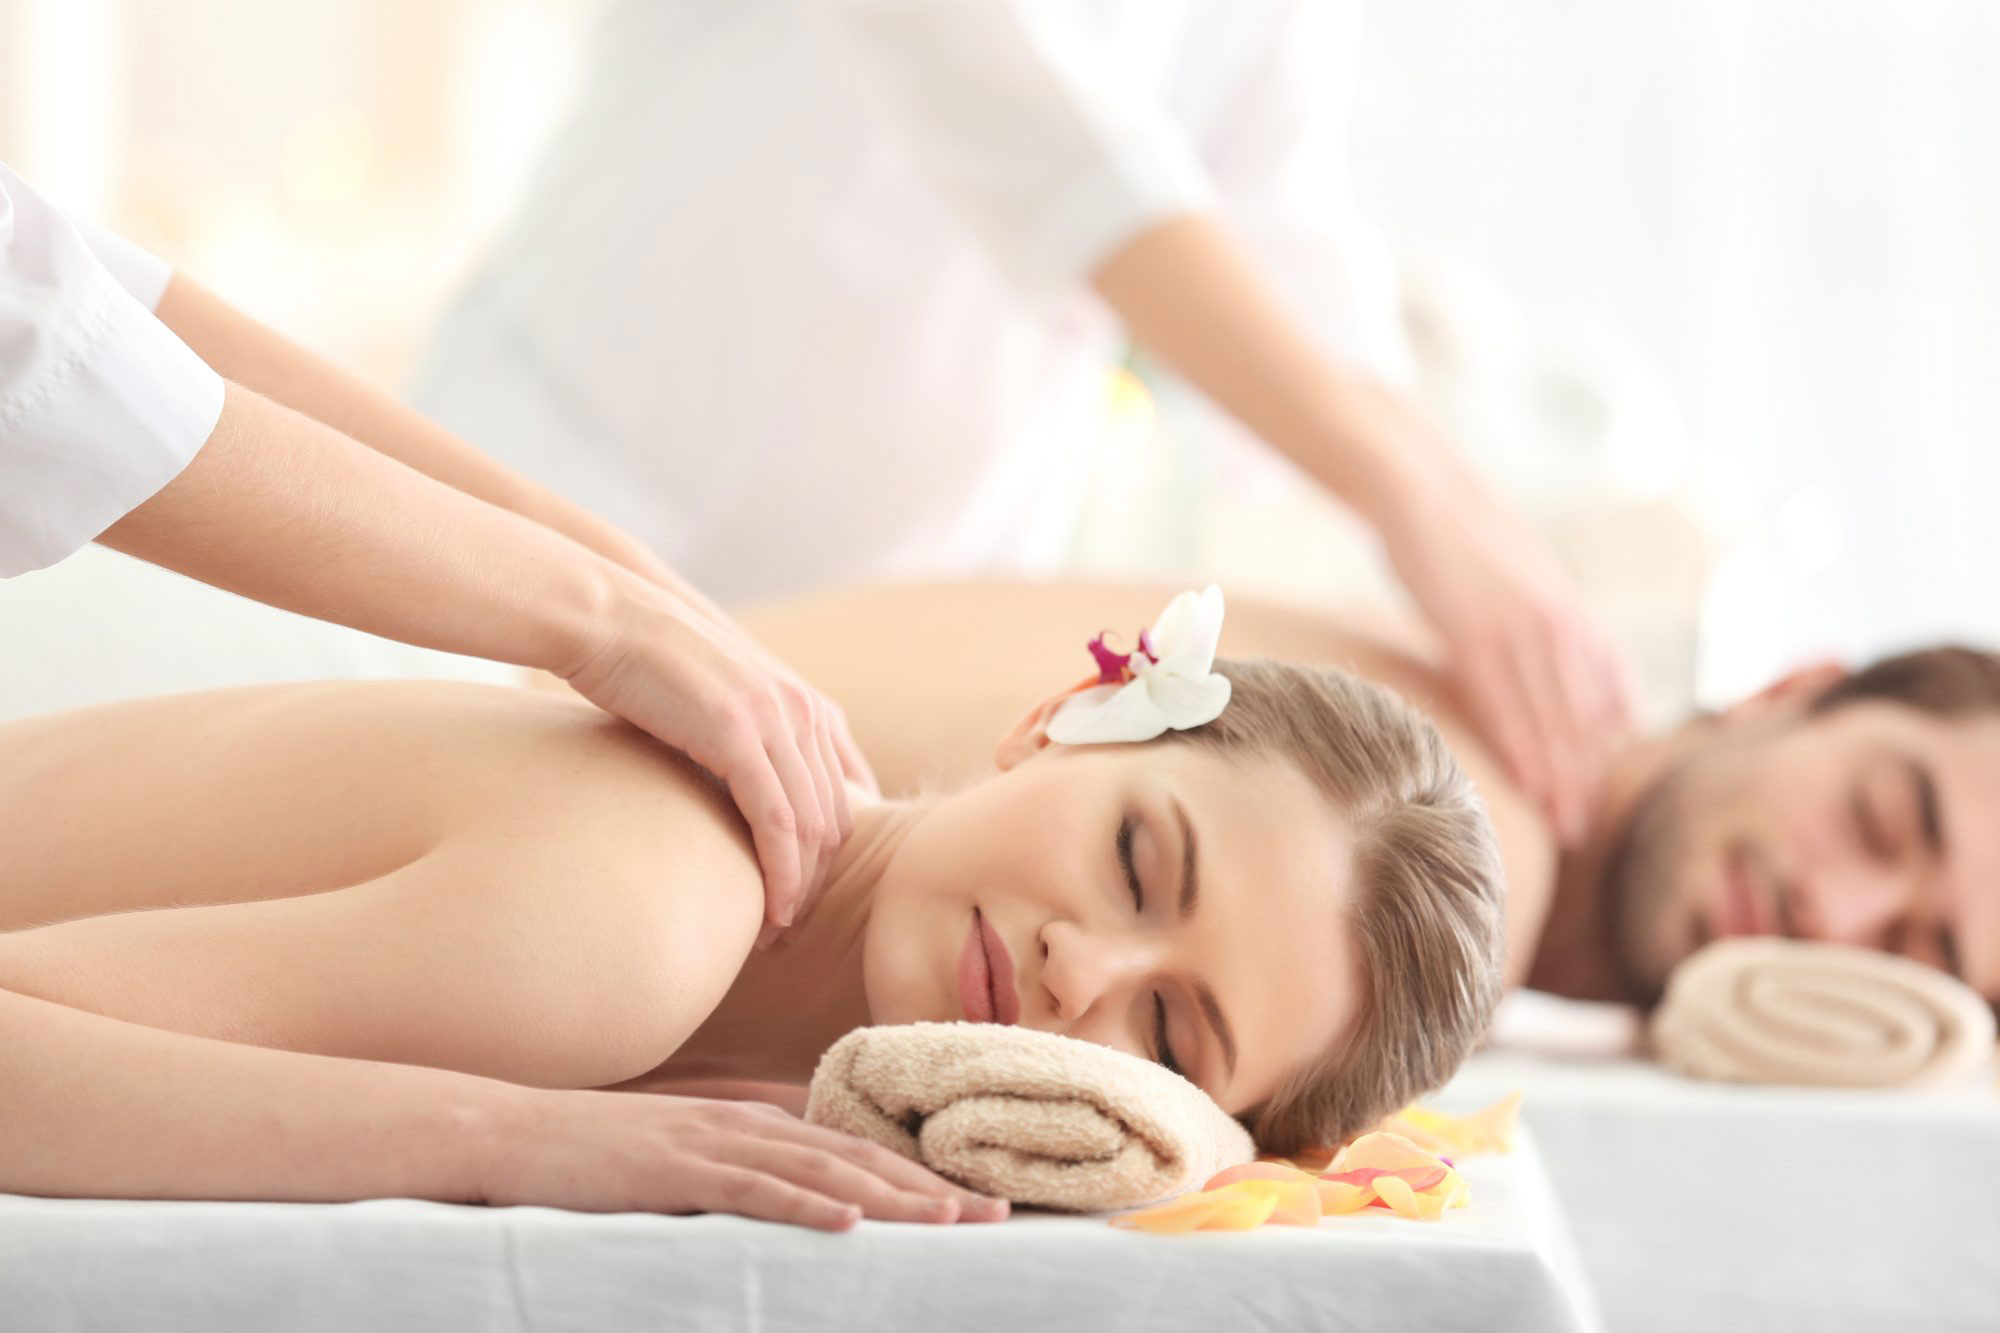 duo-massage-ingoodhands-1